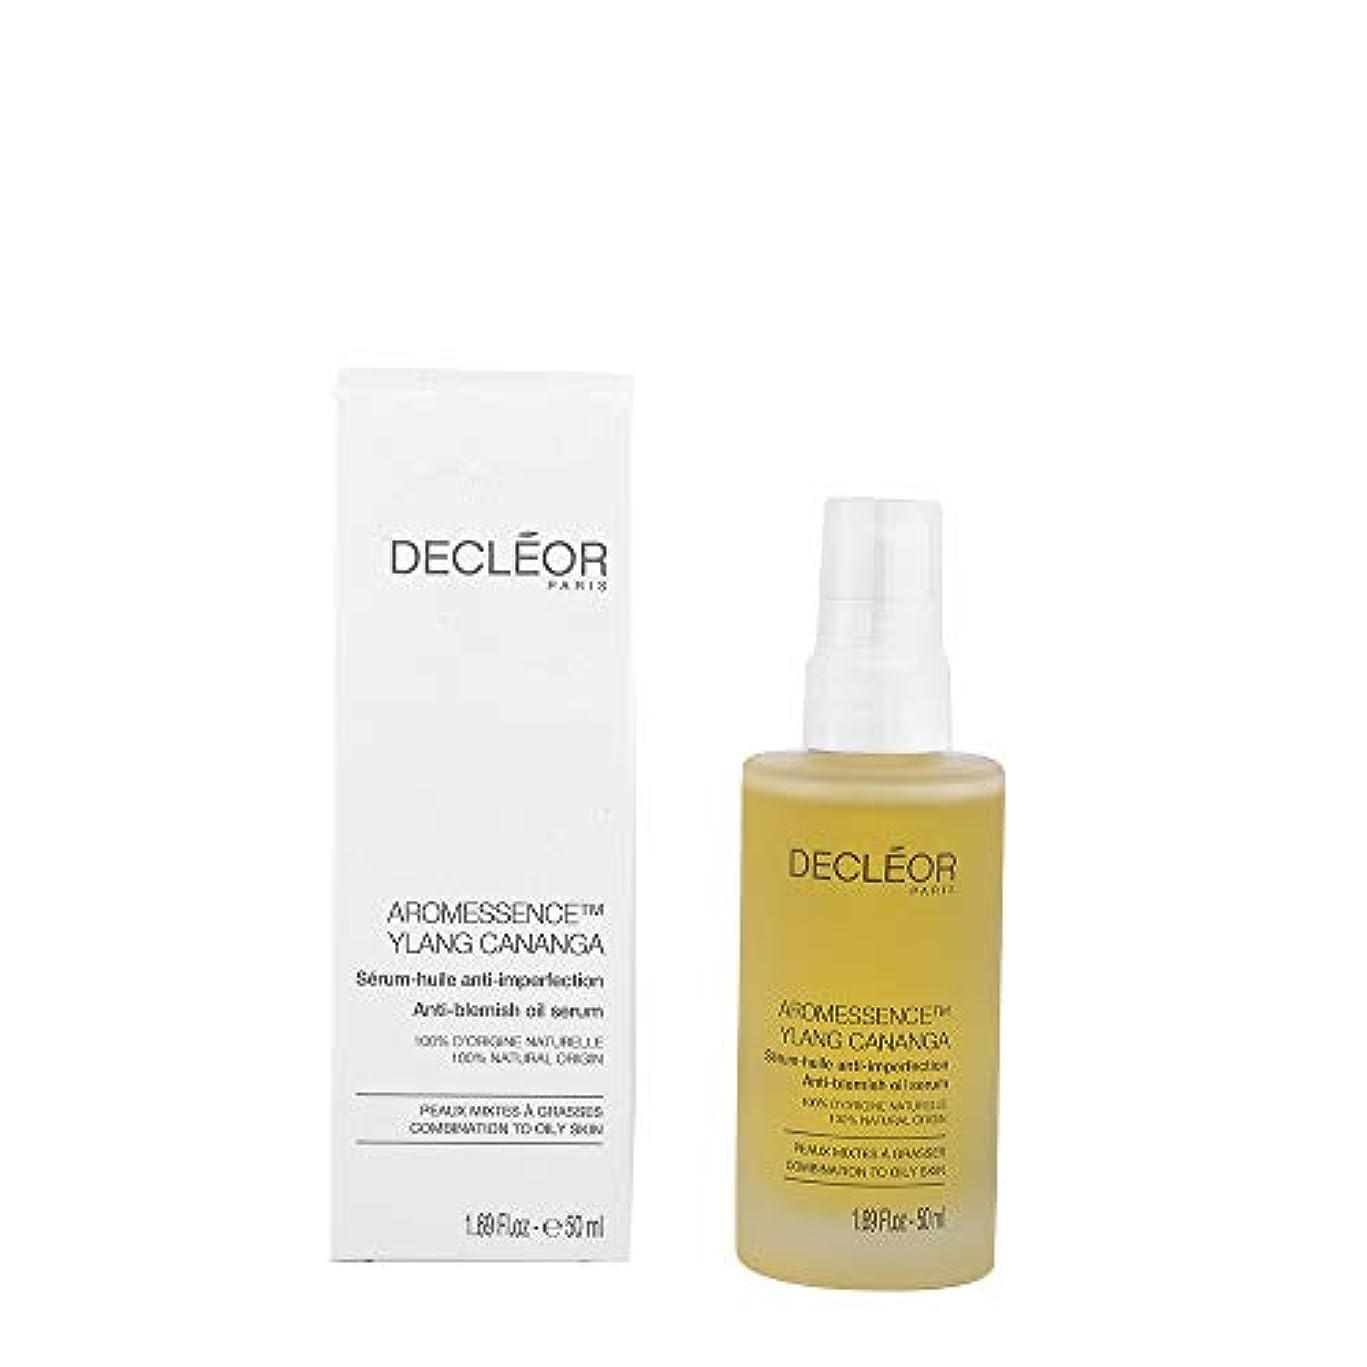 衣服コンピューター装備するデクレオール Aromessence Ylang Cananga Anti-Blemish Oil Serum - For Combination to Oily Skin (Salon Size) 50ml/1.69oz...